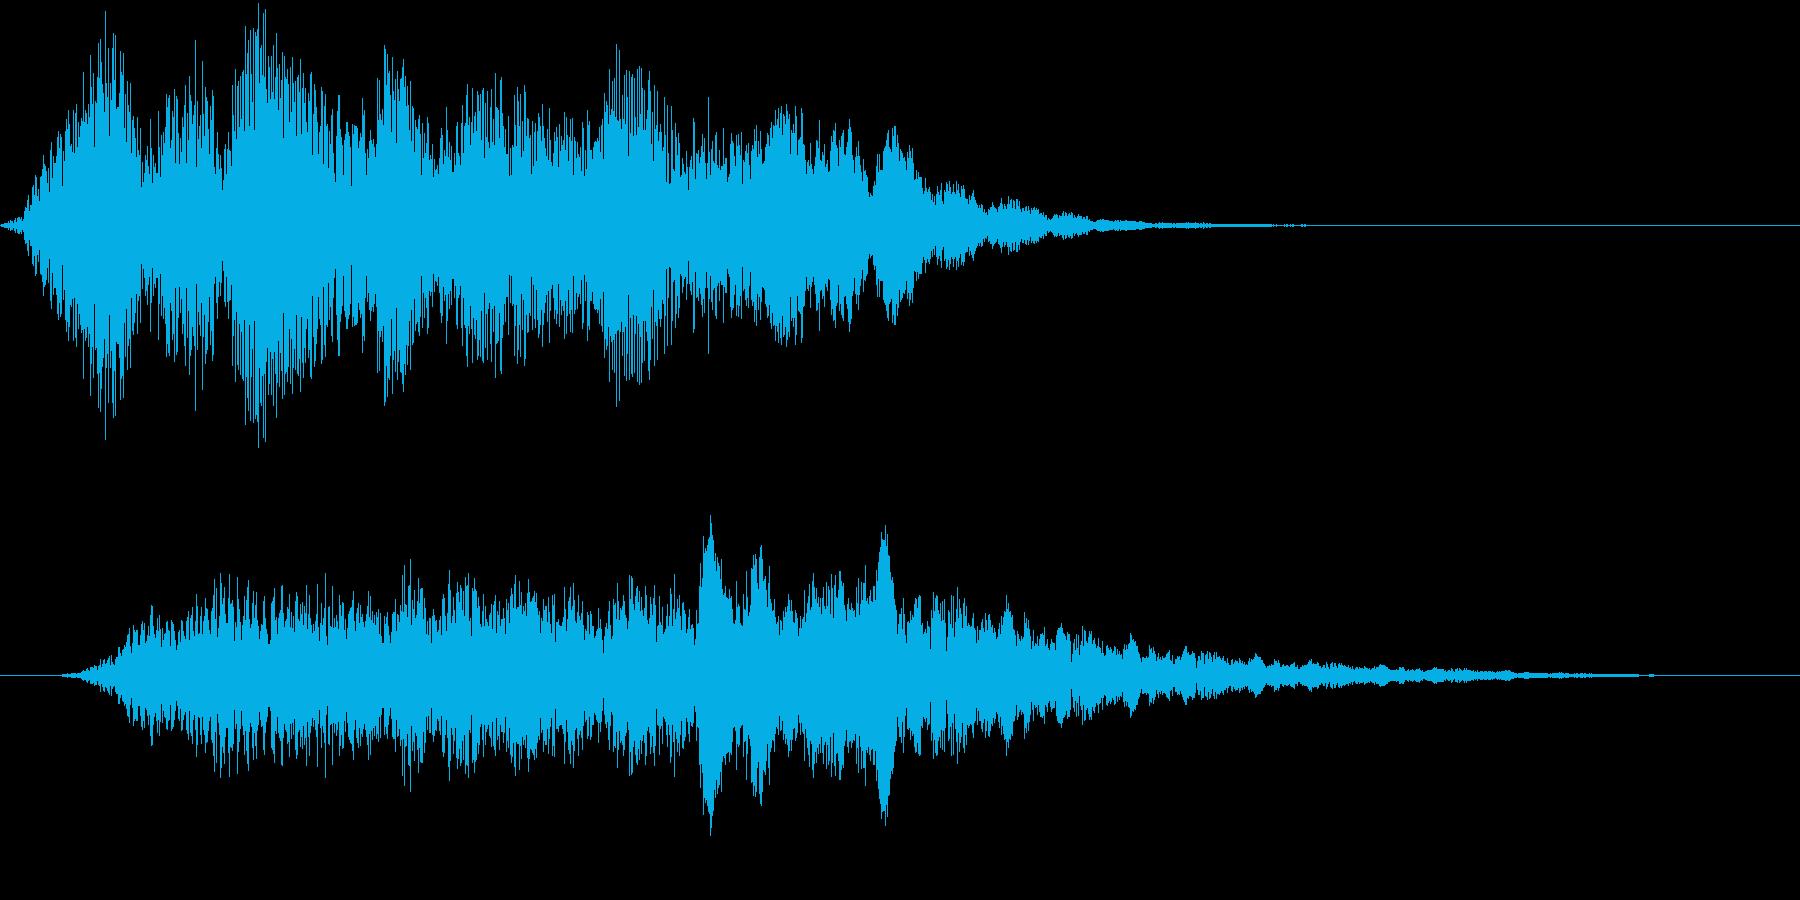 テクノロジー、未来系サウンドロゴの再生済みの波形